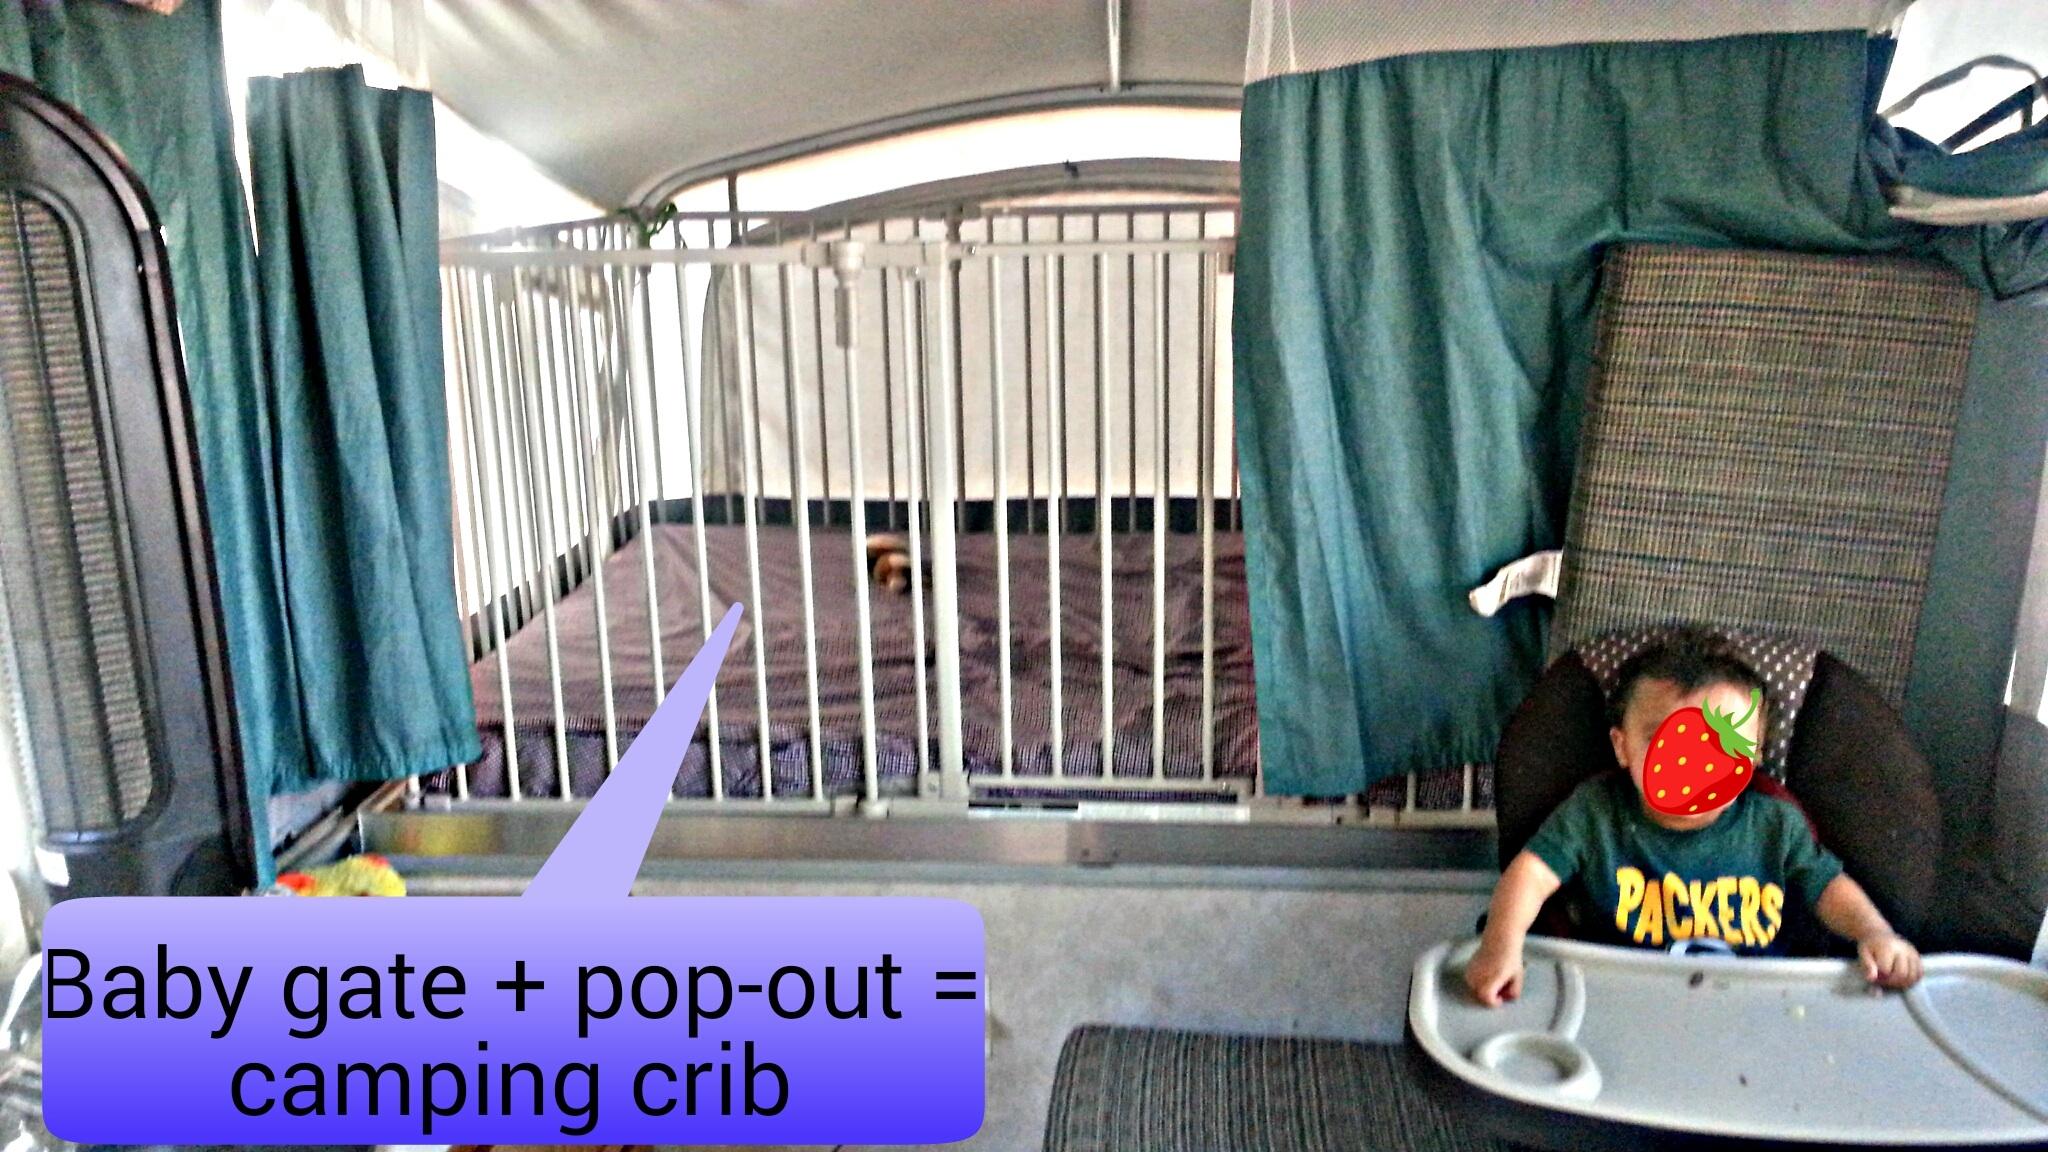 Baby bed camping -  Camping Crib